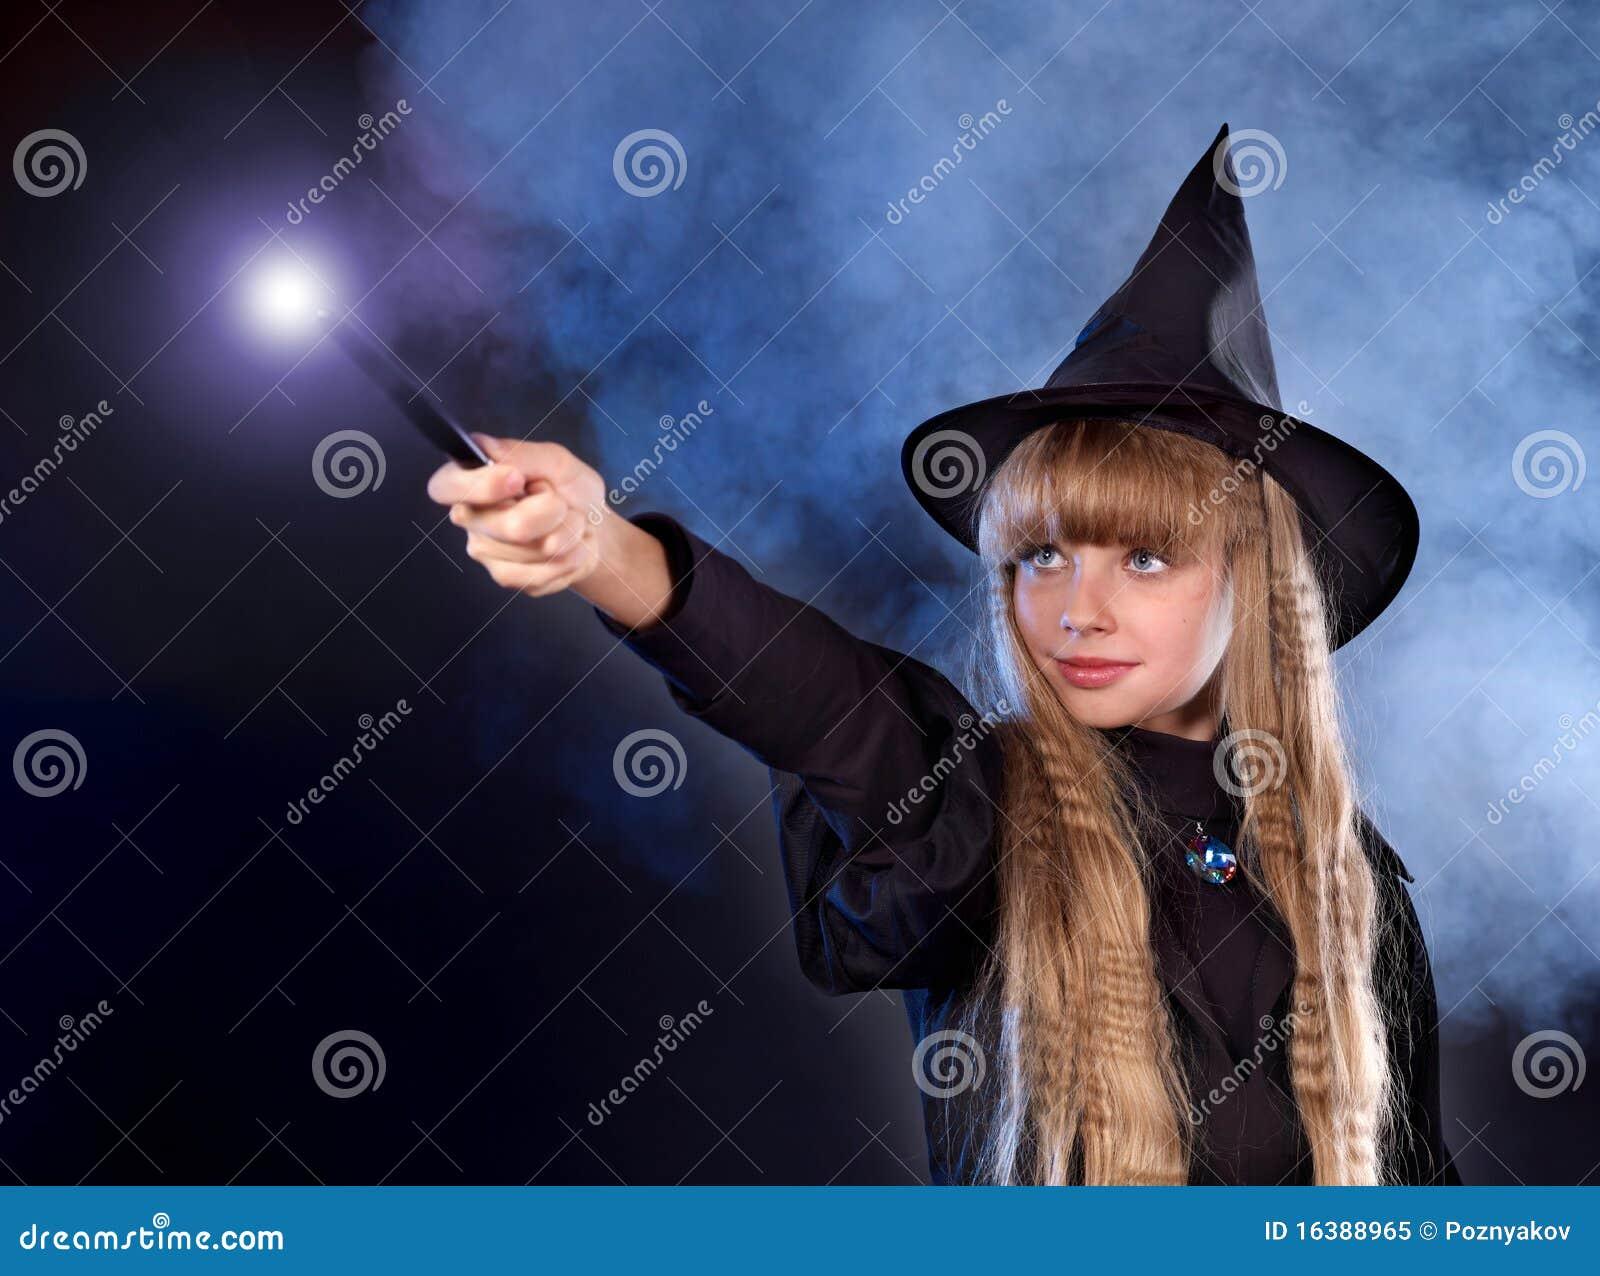 Девушка с жезлом в руках фото